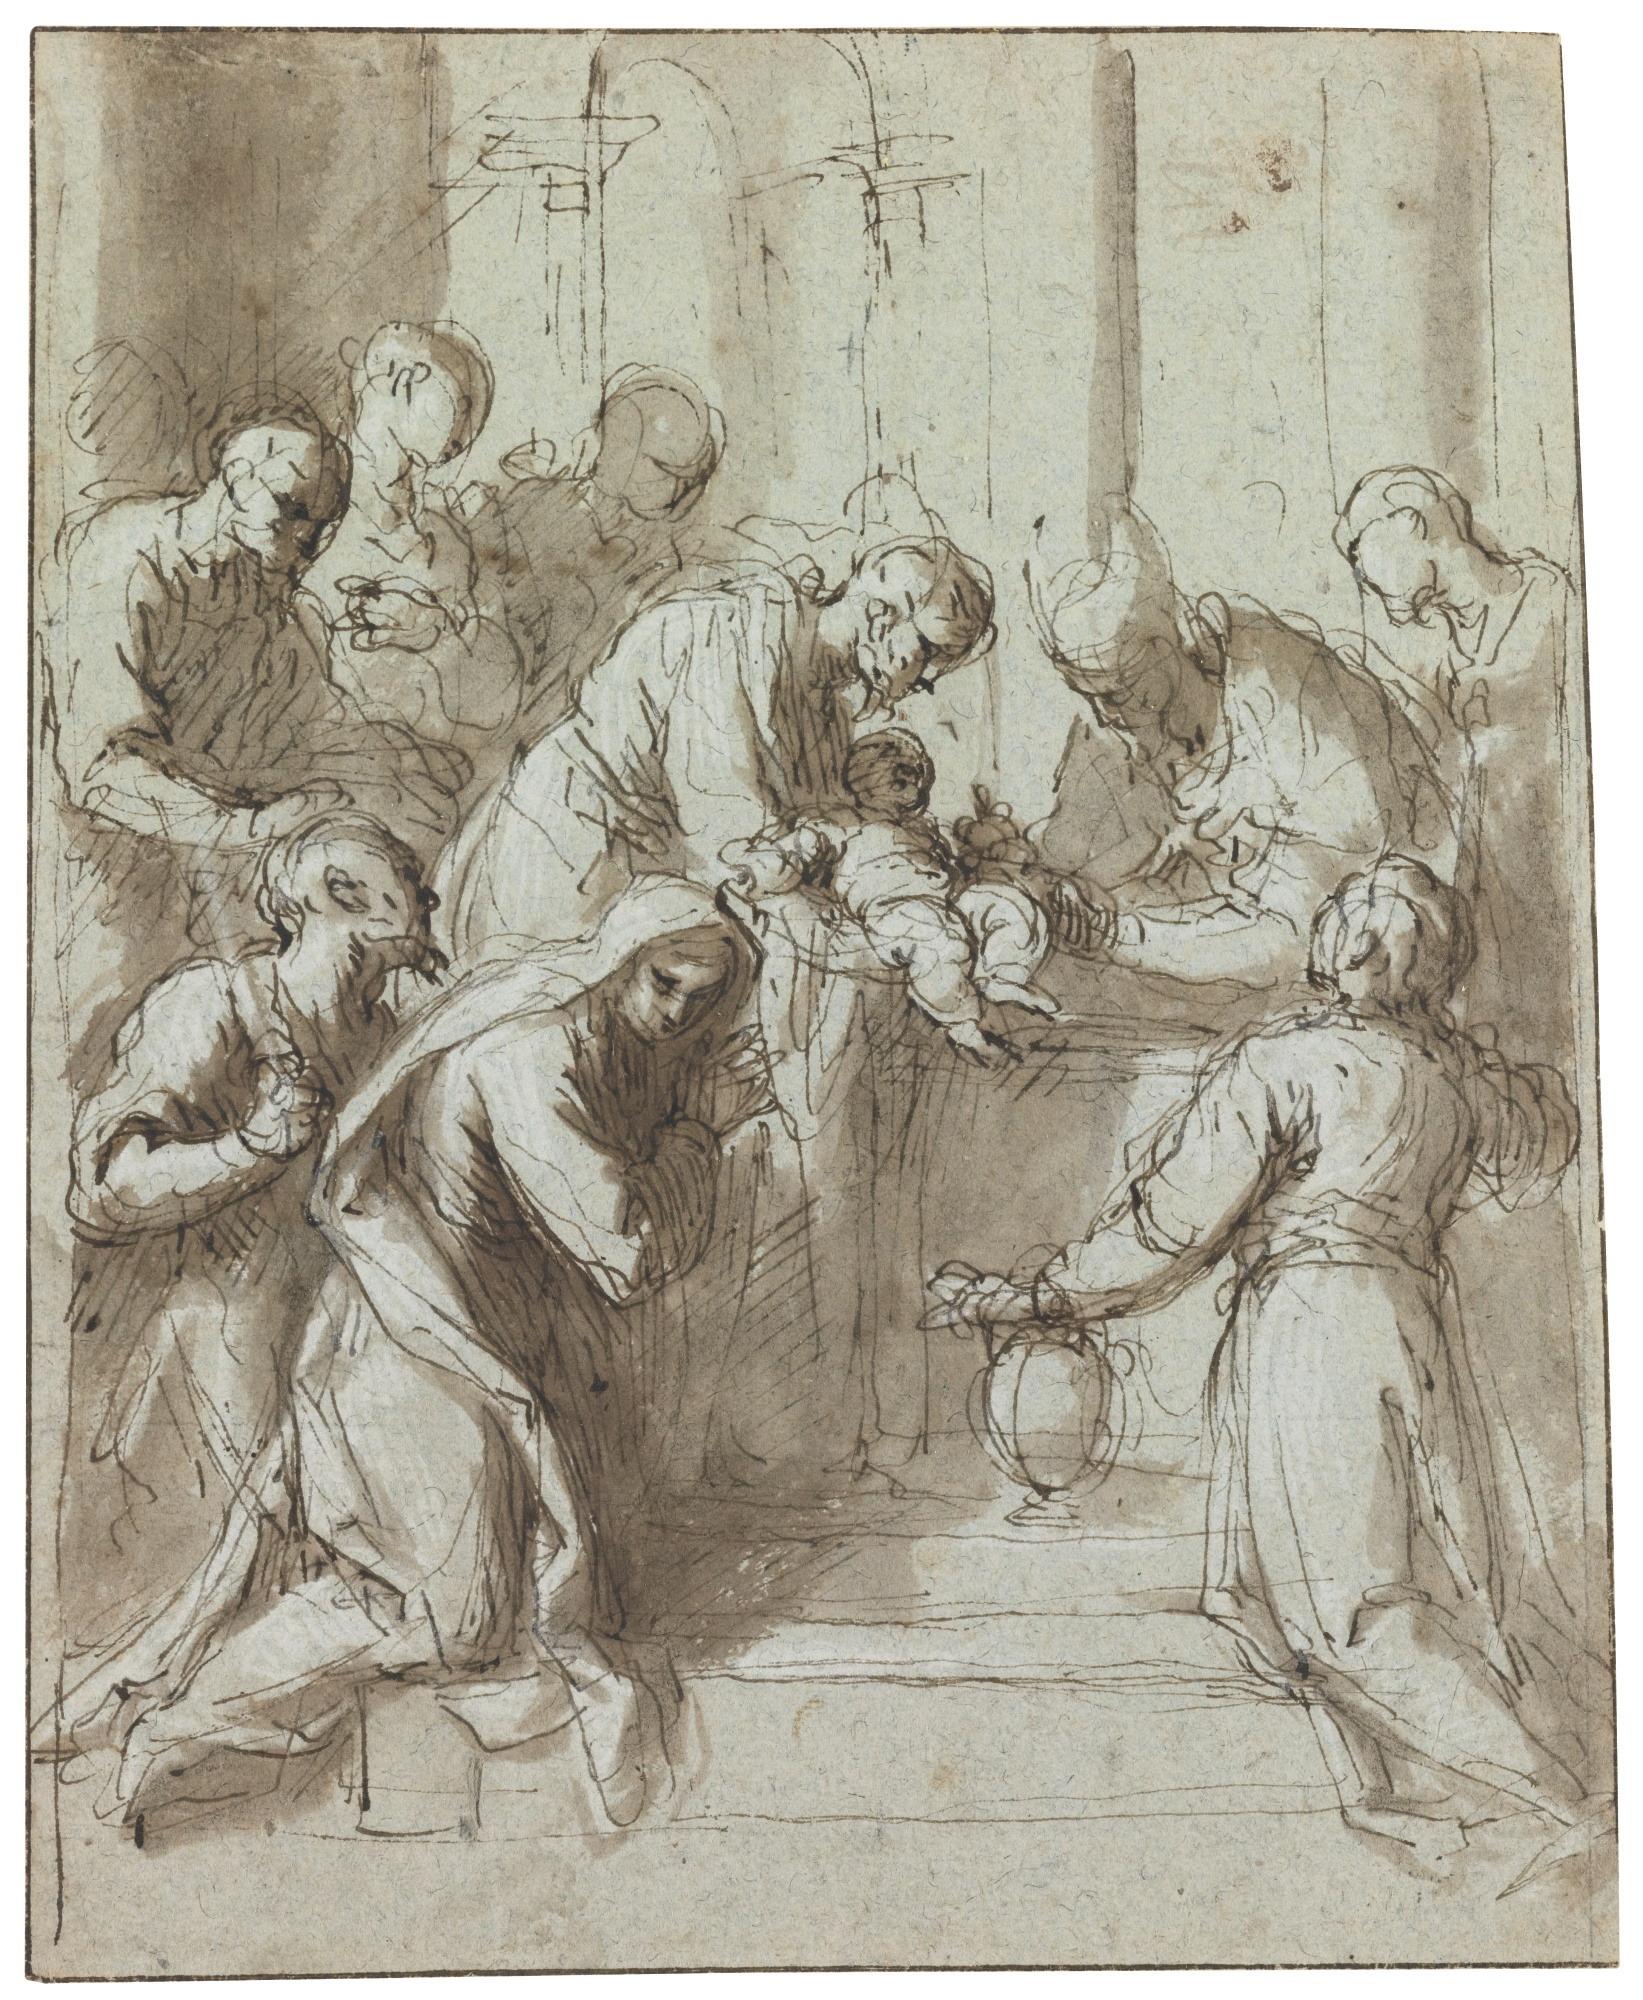 Jacopo-Palma-dit-Palma-il-giovane-la-circoncision-du-christ-plume-et-encre-bune-lavis-brun-rCݧhaussCݧ-de-blanc-sur-papier-bleu-craie-balche-au-verso-214x174mm-Martin-Graessle